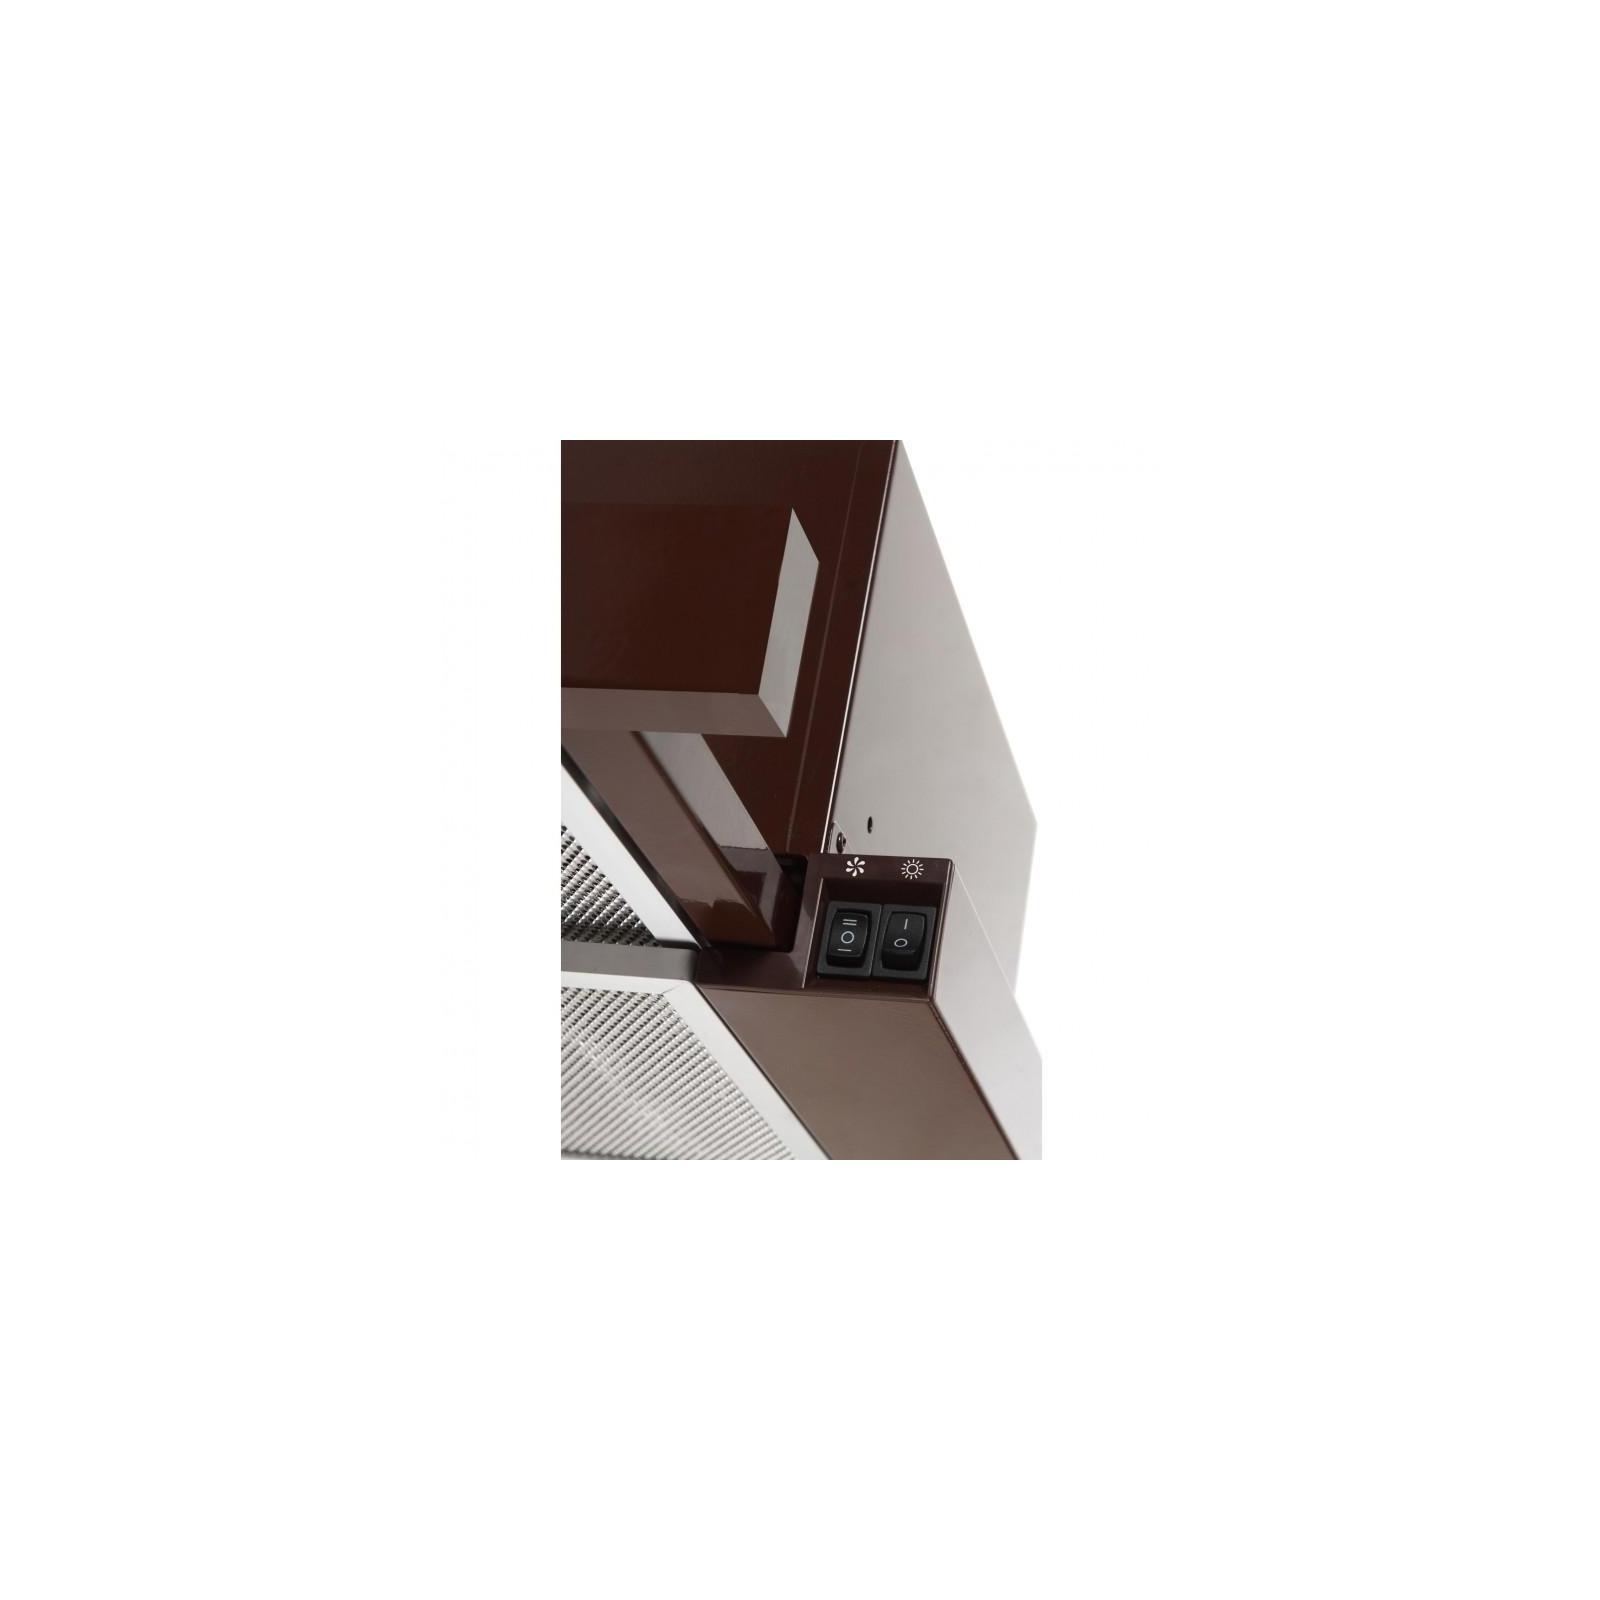 Вытяжка кухонная Eleyus Cyclon 470 60 WH изображение 9